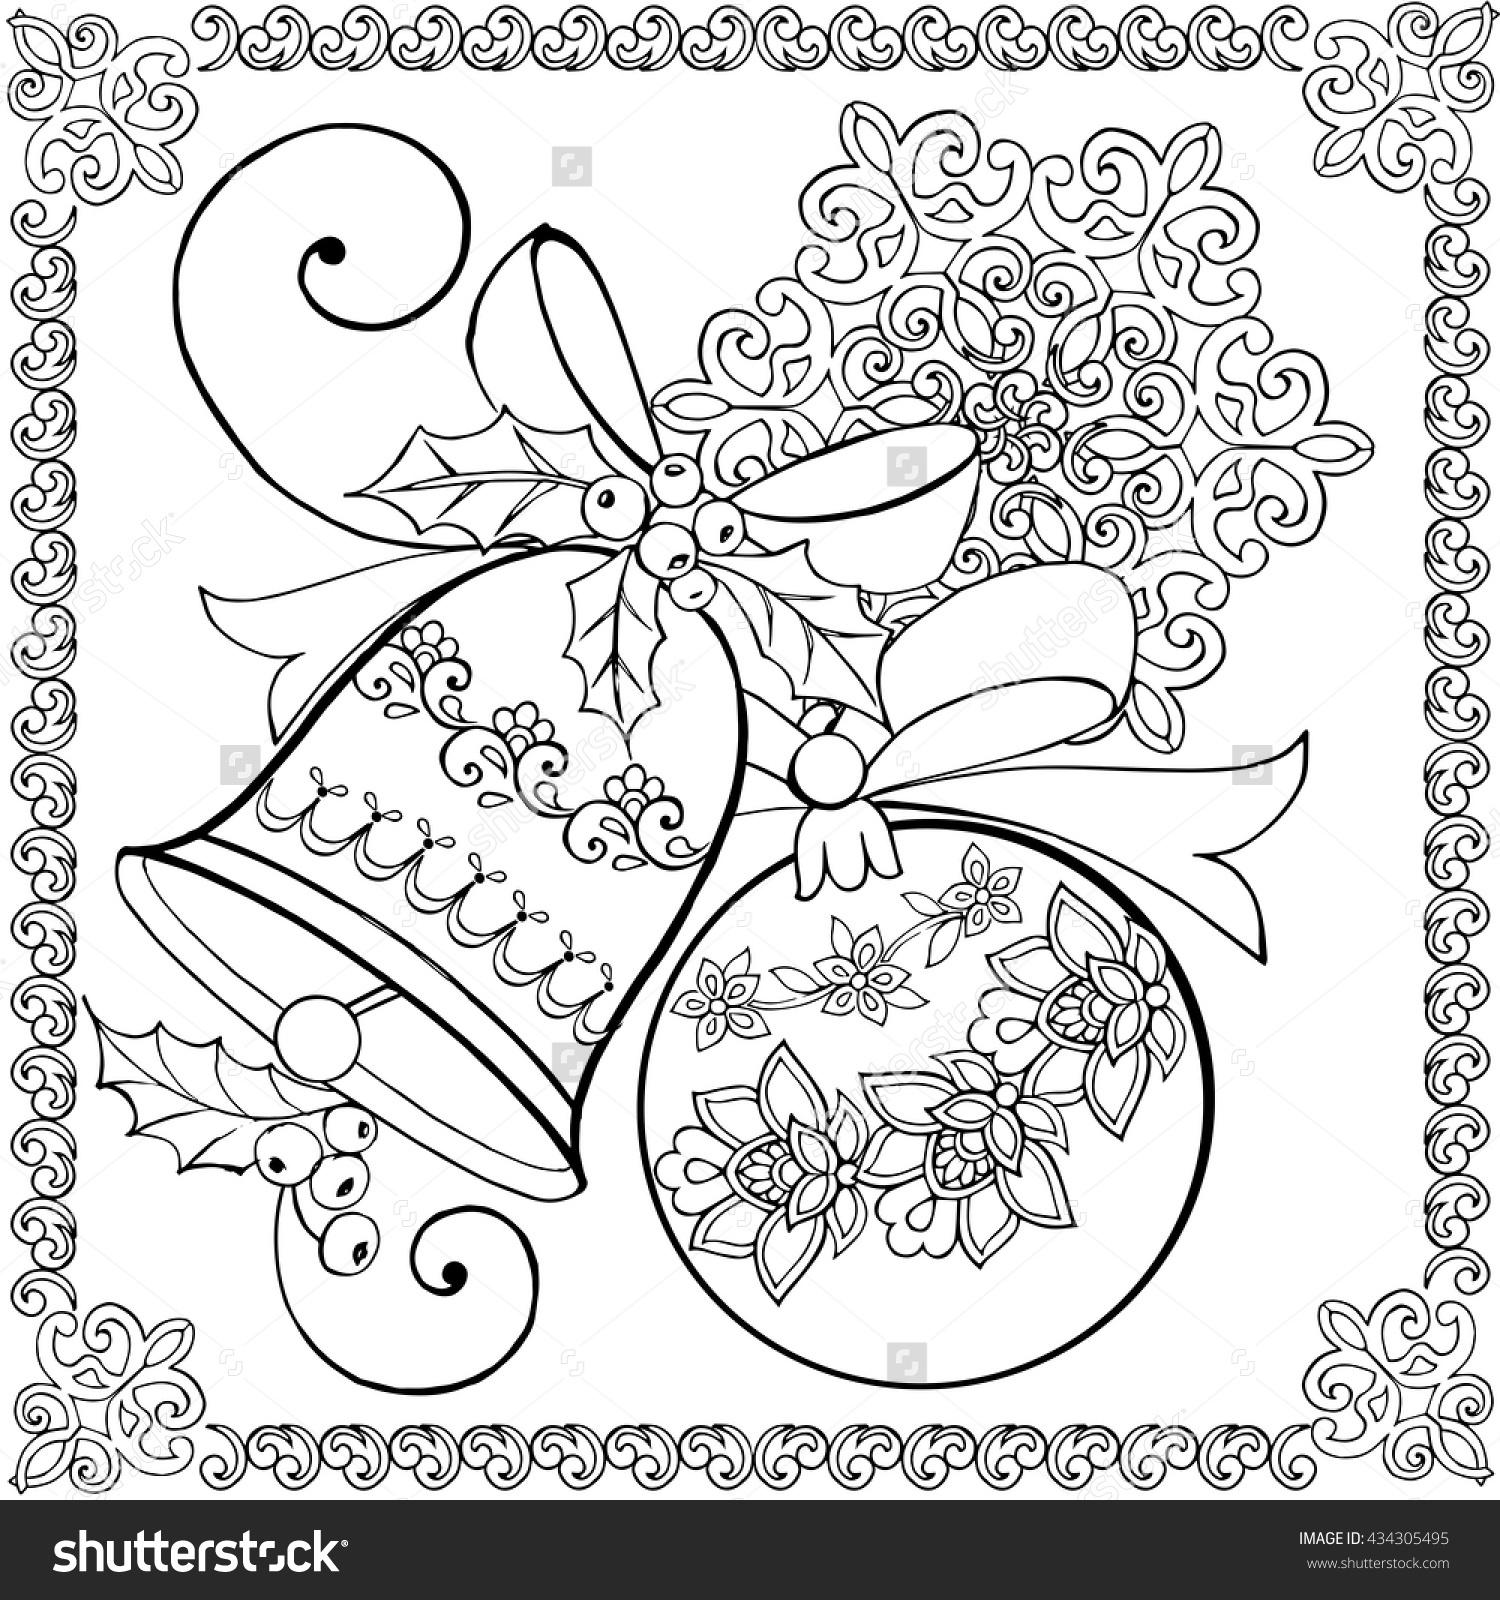 1500x1600 Hand Drawing Christmas Bell, Christmas Ball And Snowflake